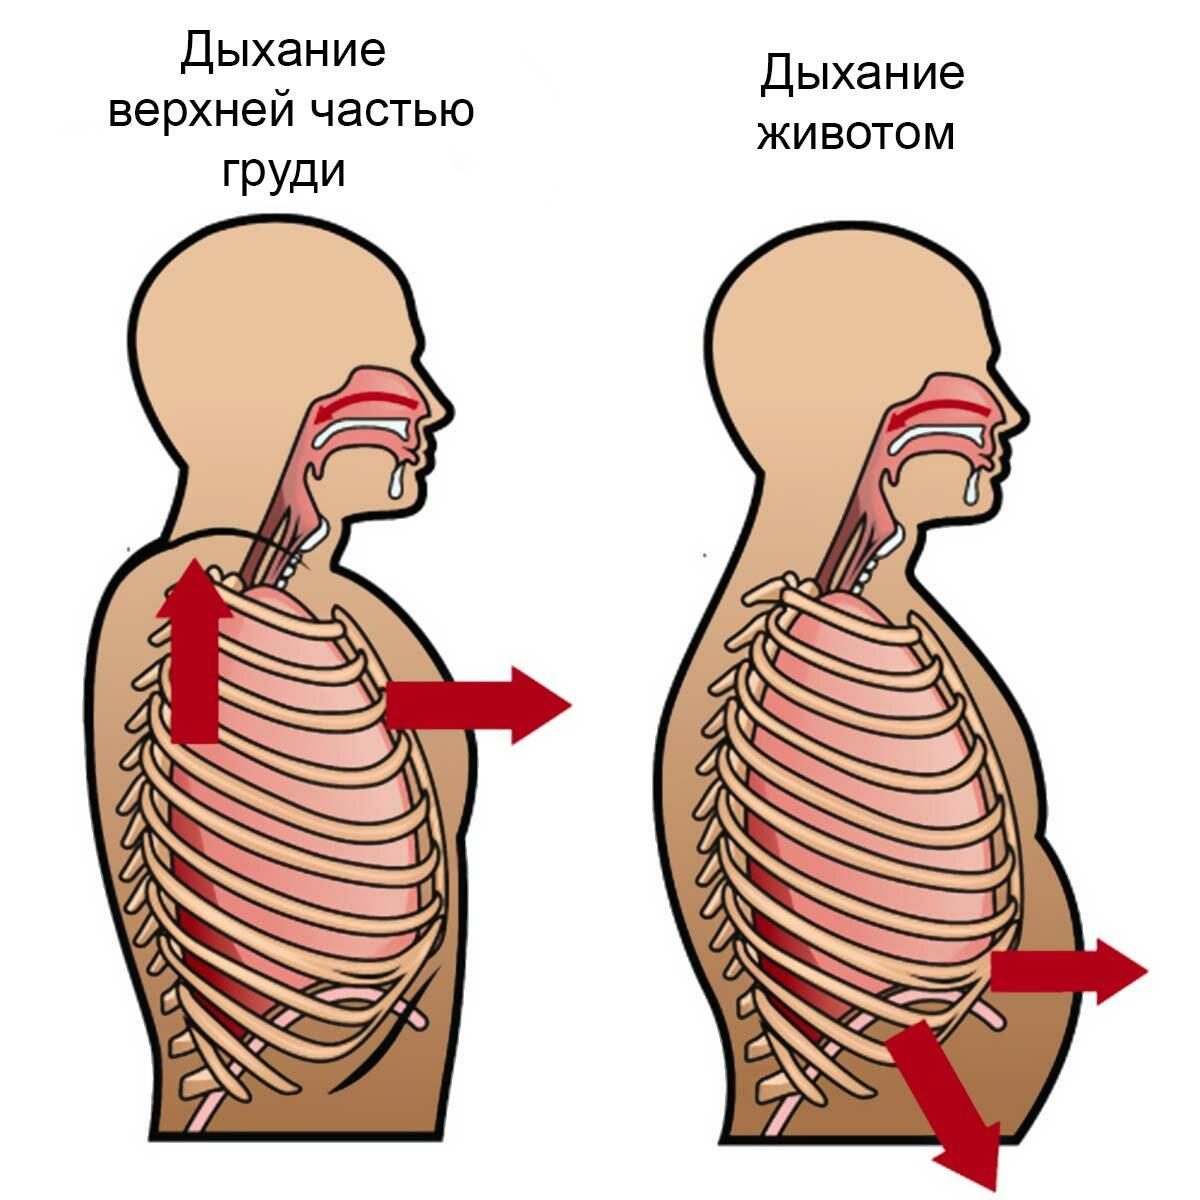 Правильное дыхание: техники для улучшения здоровья